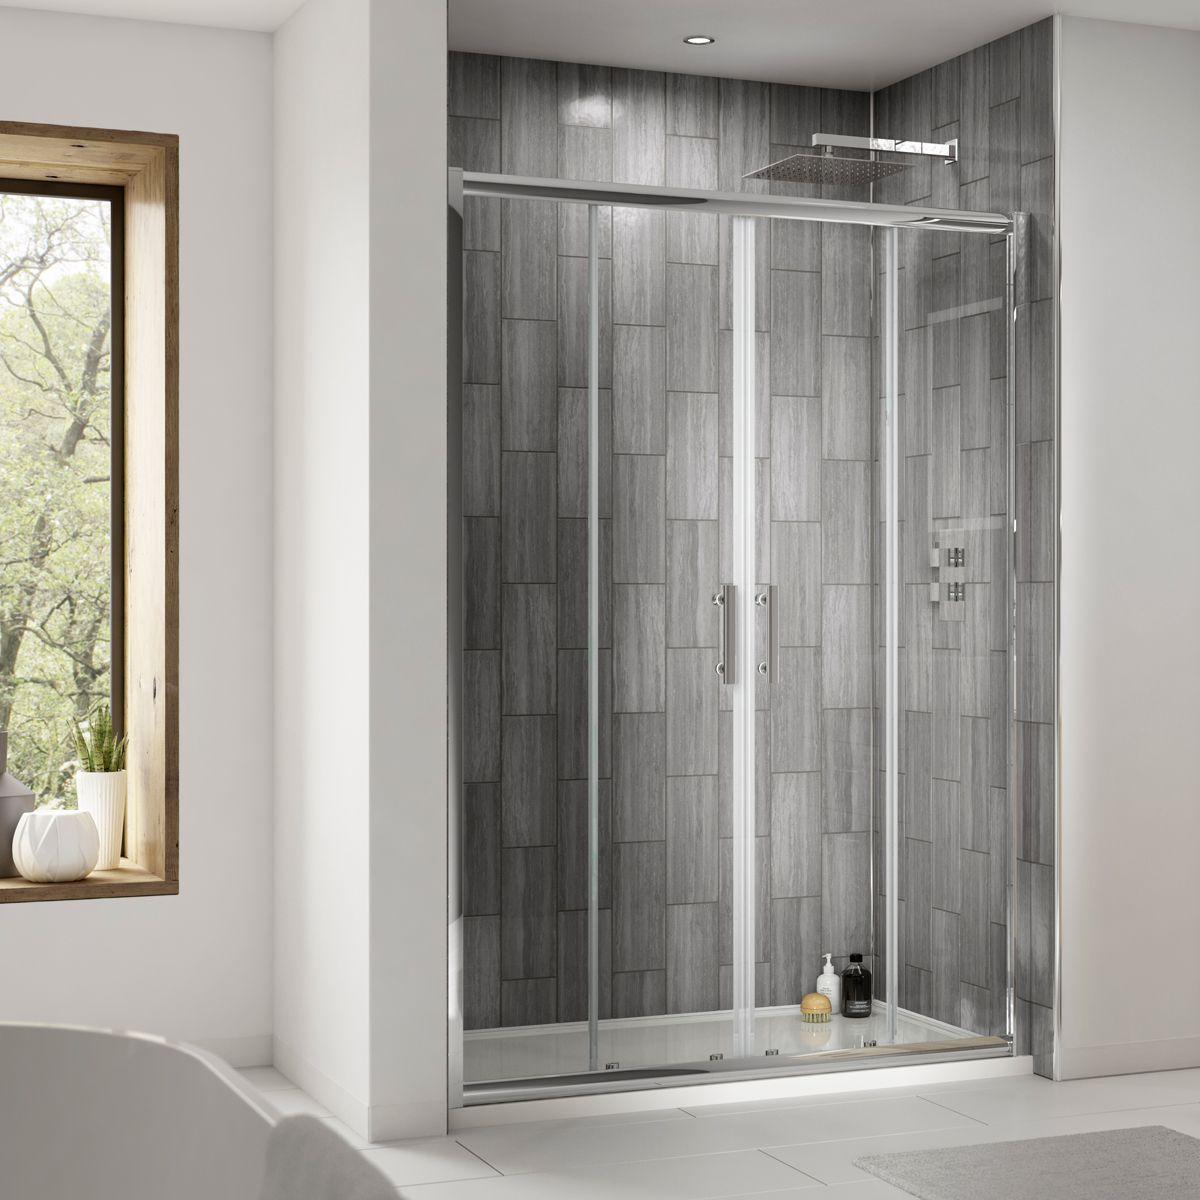 Premier Pacific Double Sliding Shower Door Recess